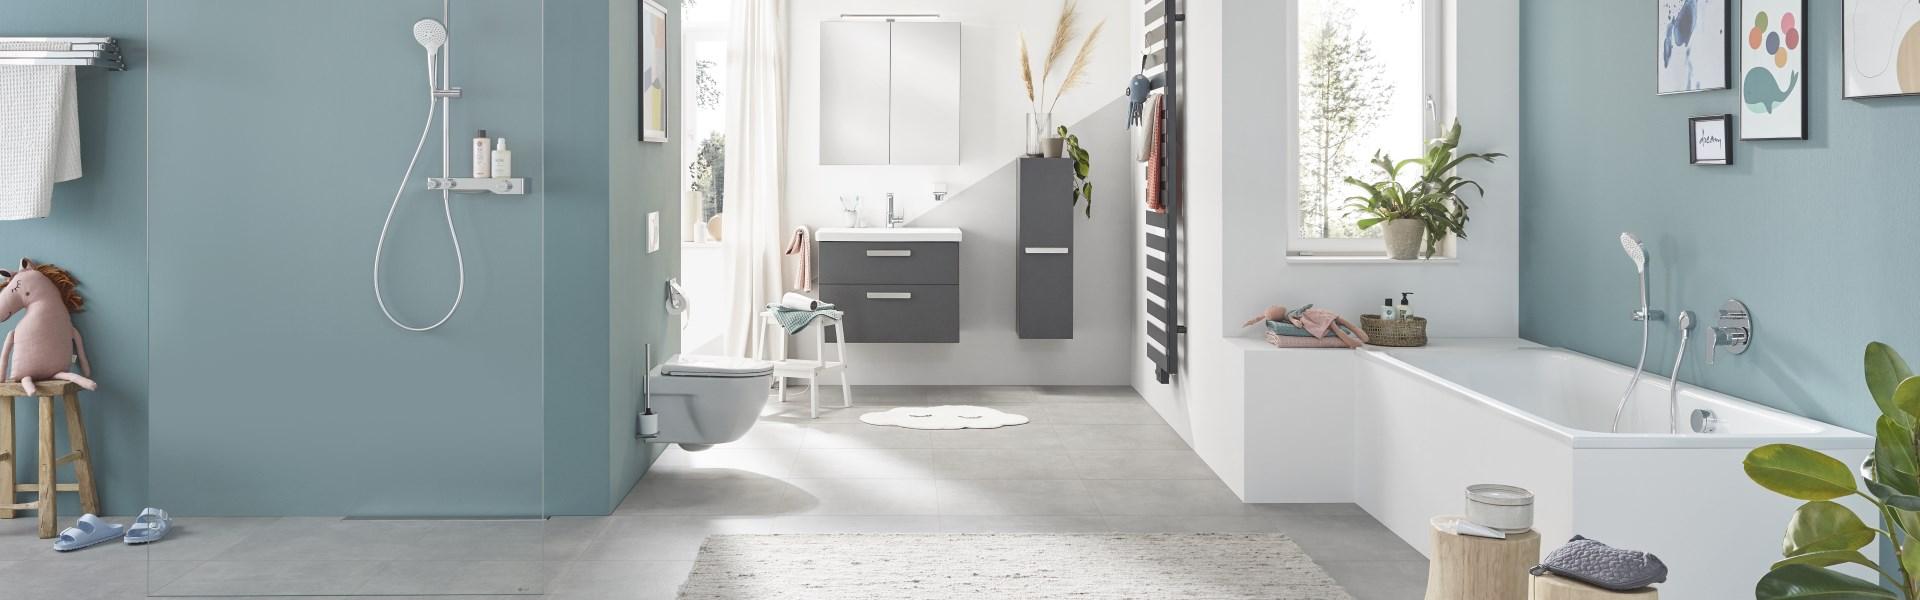 Abbildung modernes, großzügiges Badezimmer mit Badewanne, Dusche, WC und Armatur